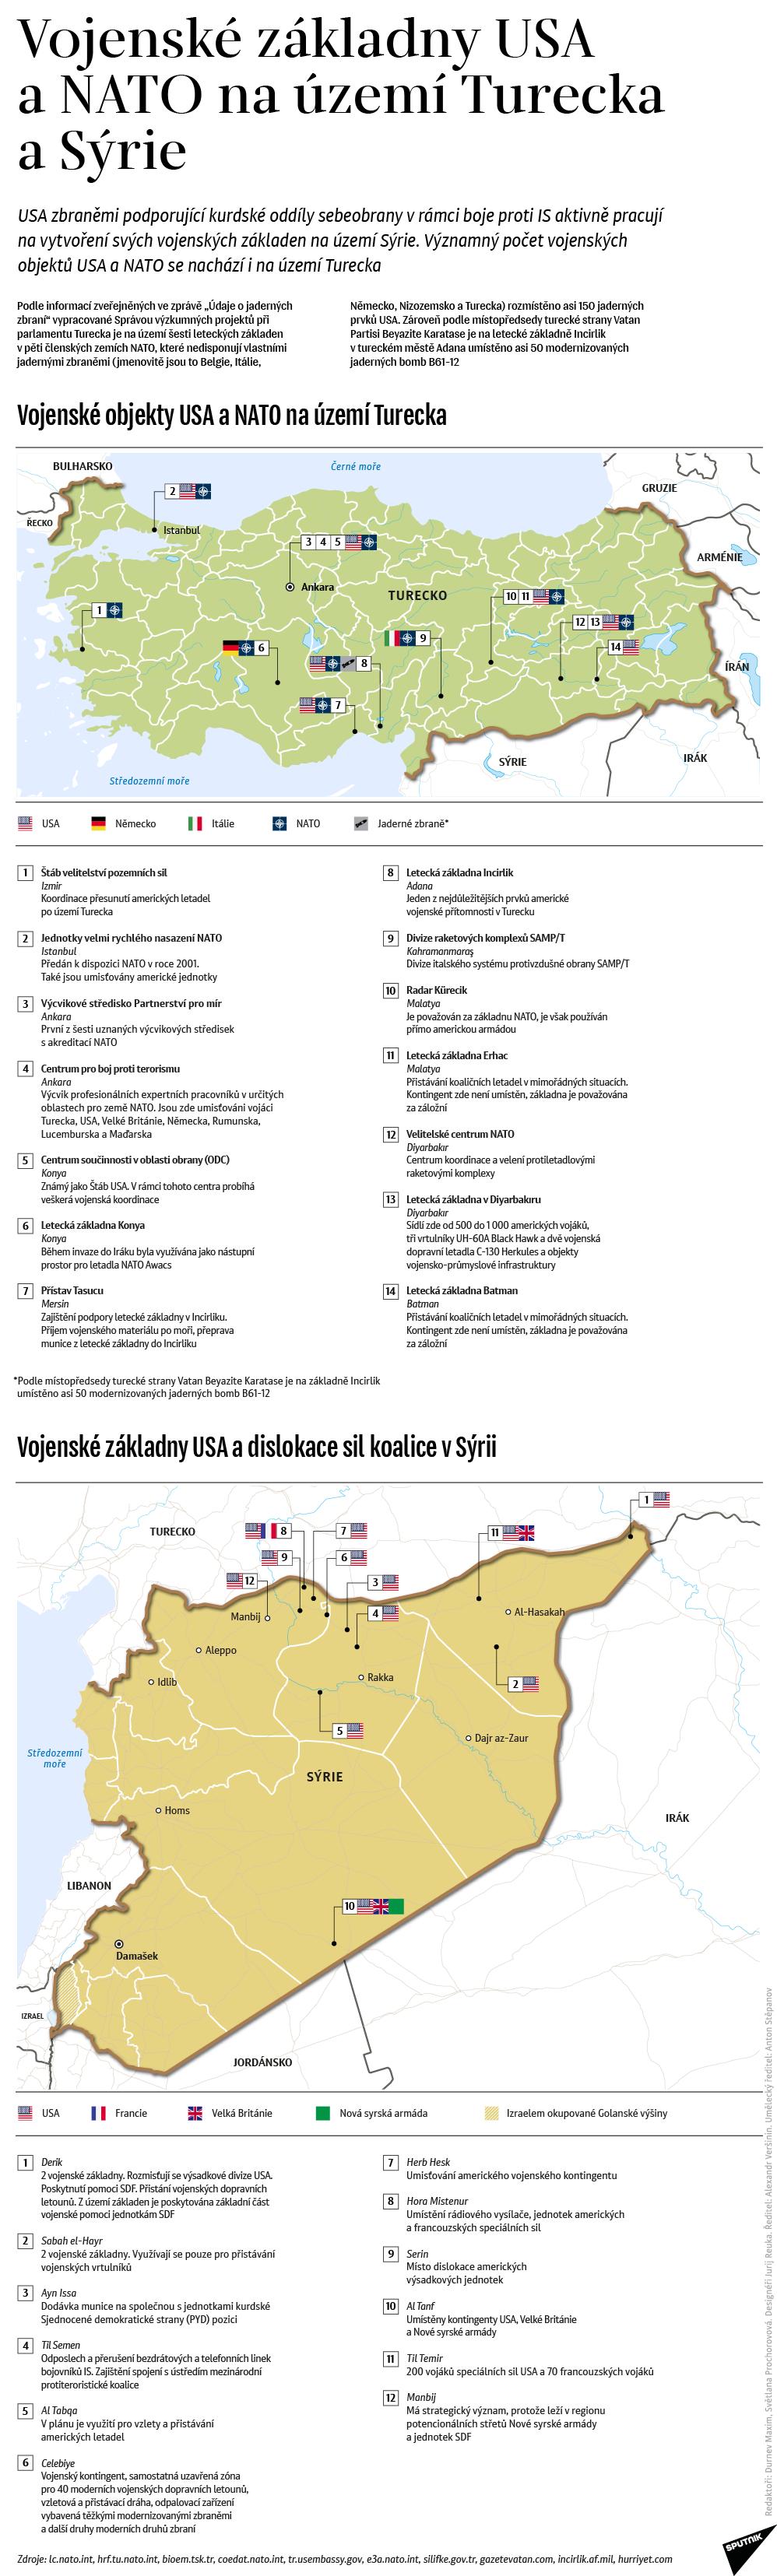 Vojenské základny USA a NATO na území Sýrie a Turecka